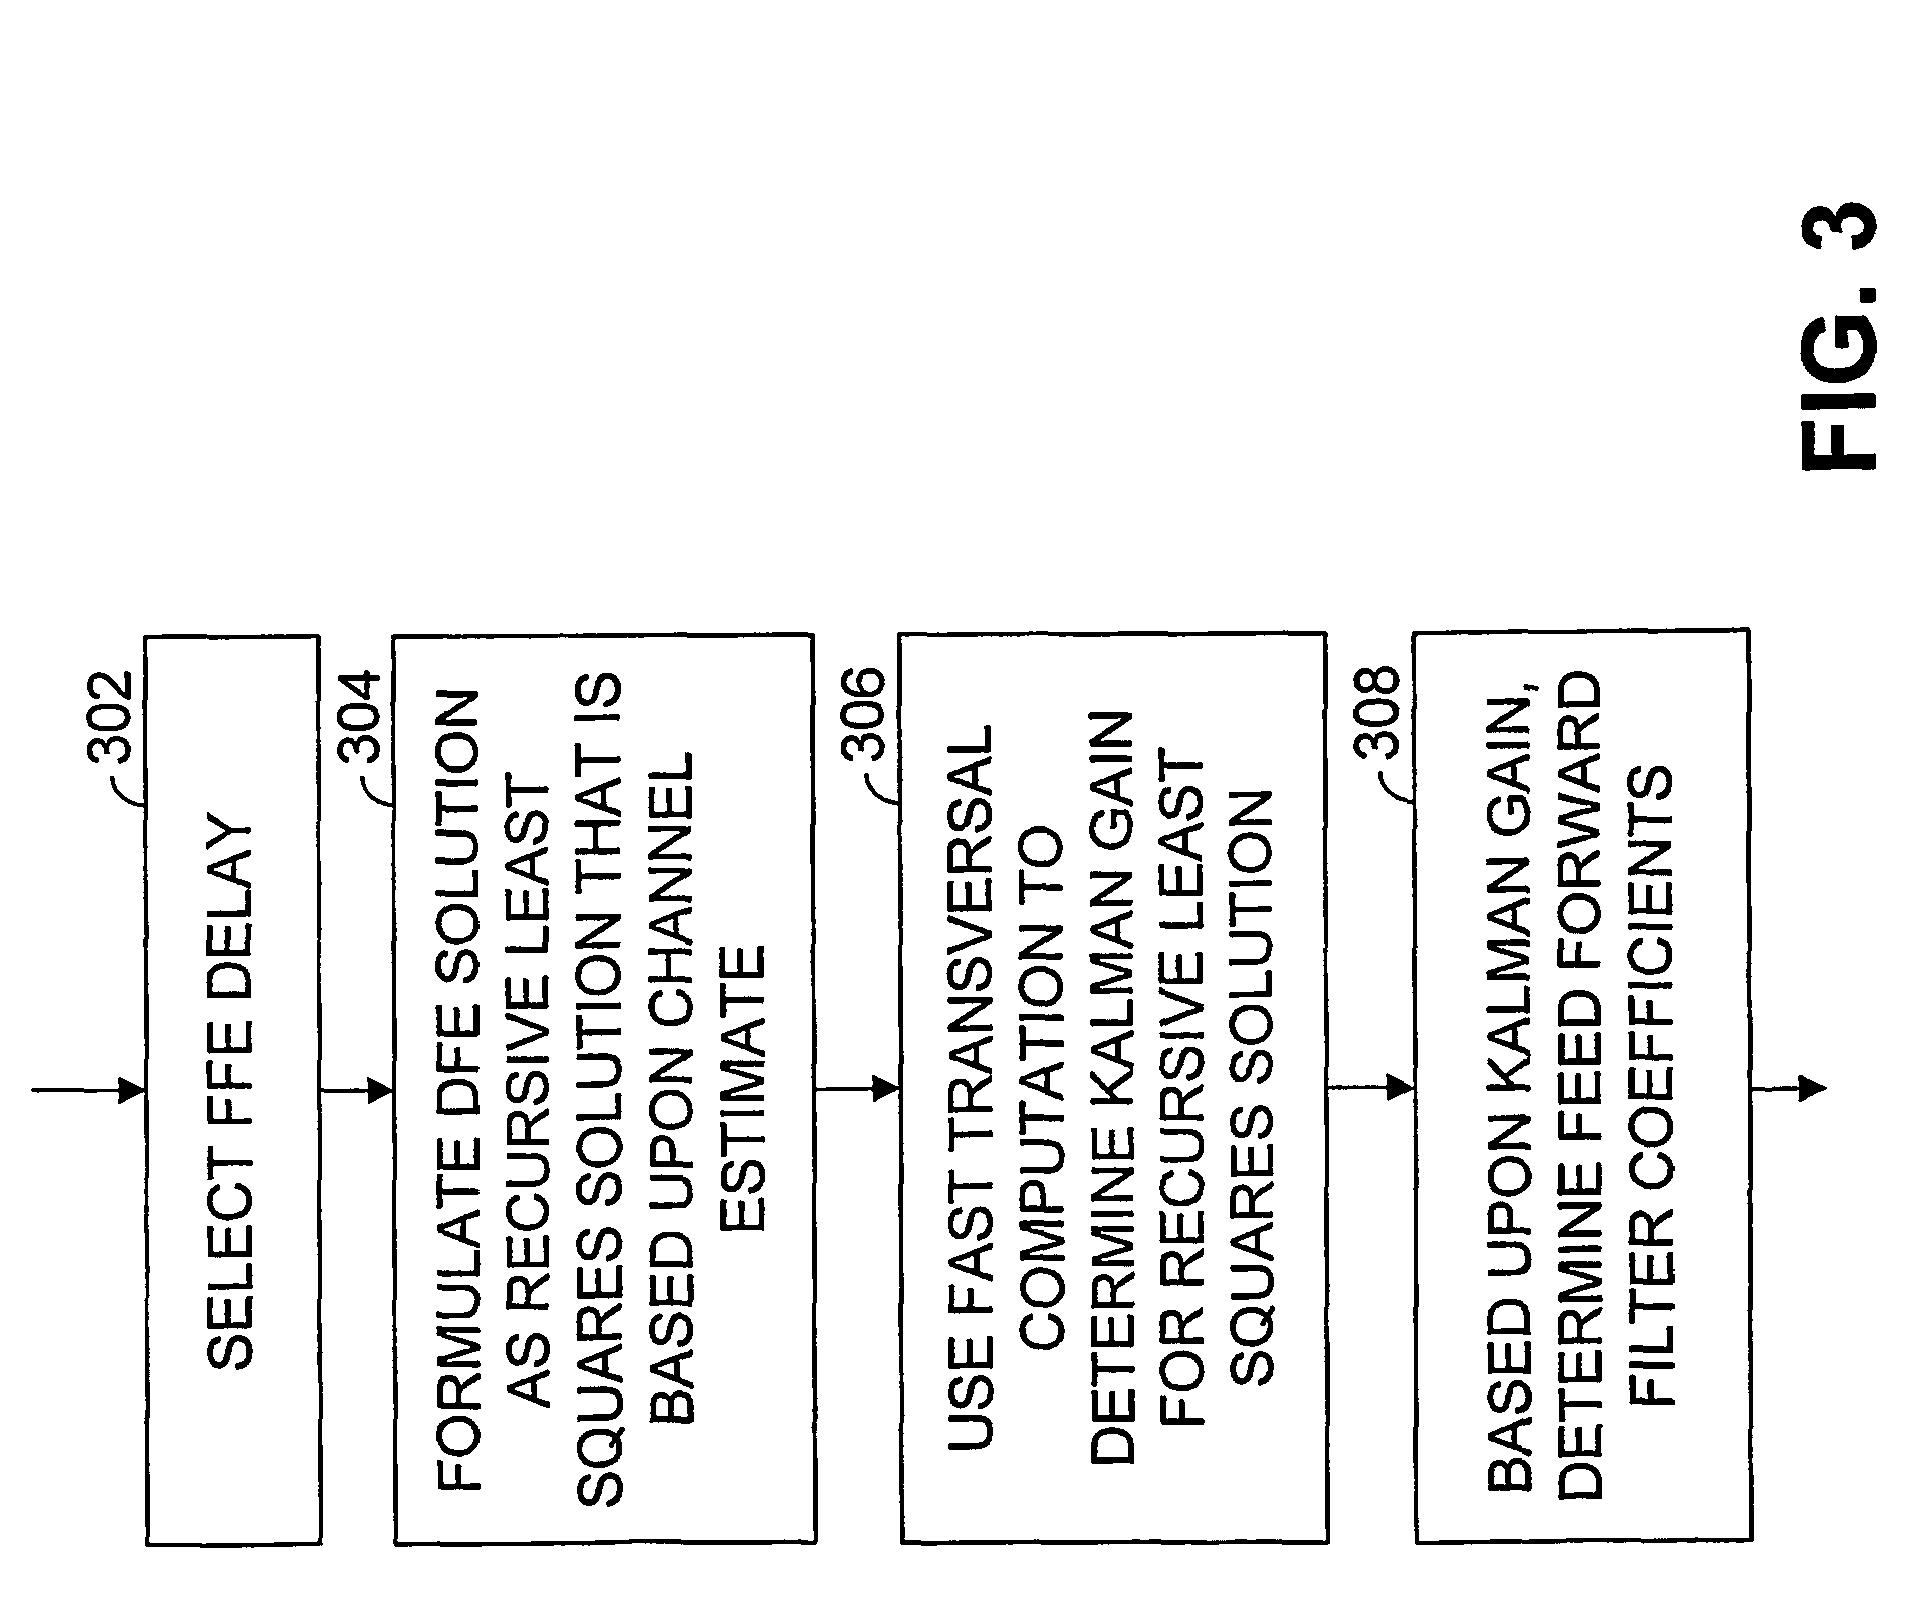 patent ep1430675b1 schnelle errechnung der koeffizienten. Black Bedroom Furniture Sets. Home Design Ideas